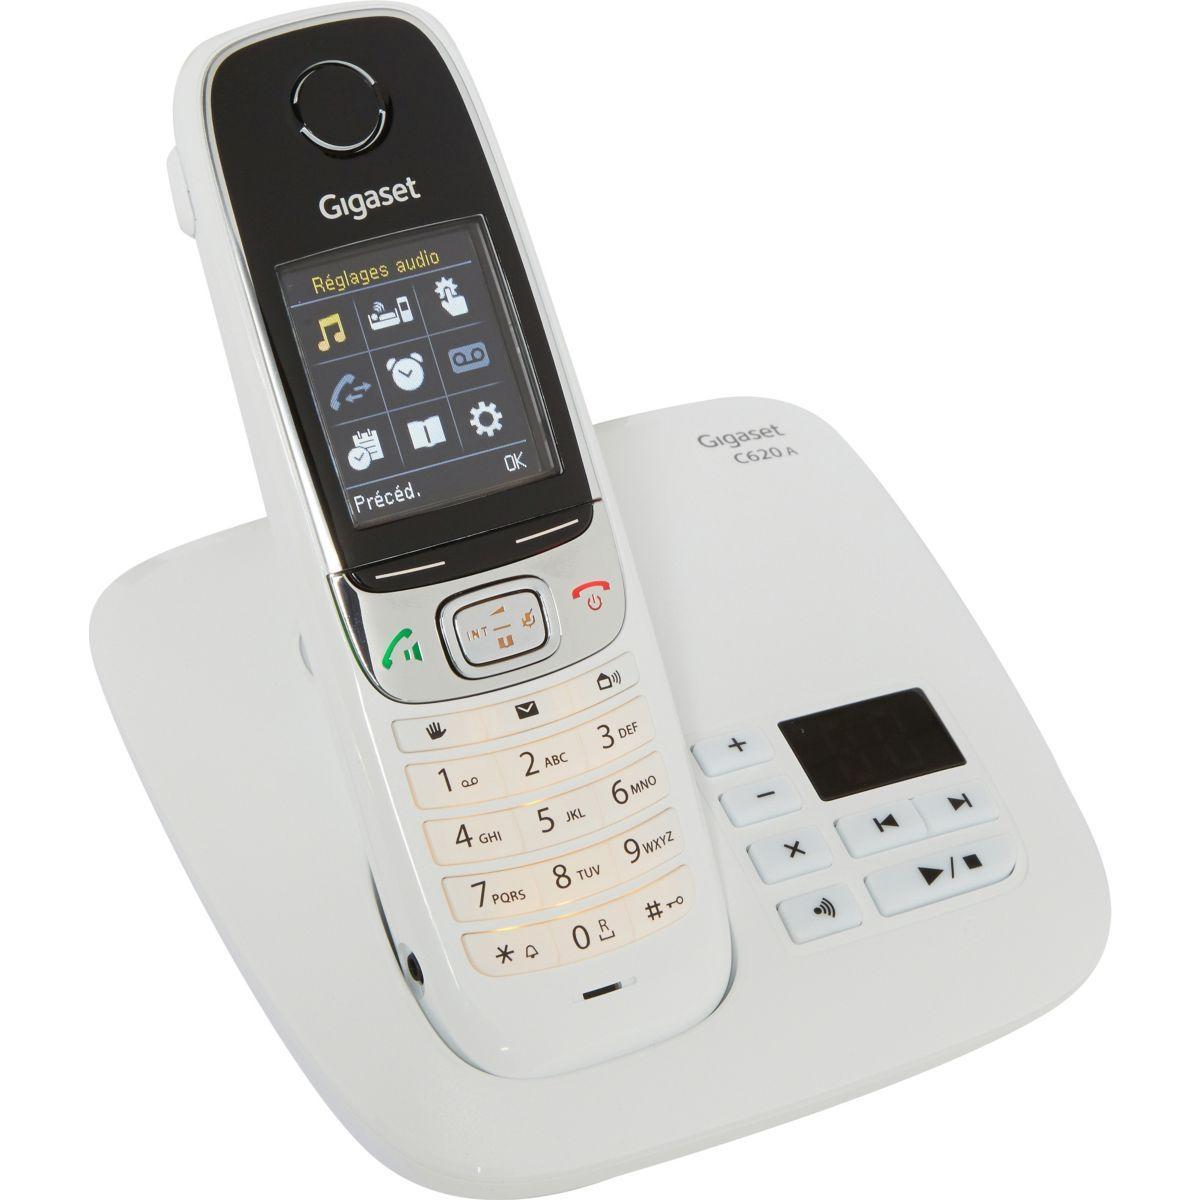 Téléphone répondeur sans fil gigaset c620a blanc (photo)